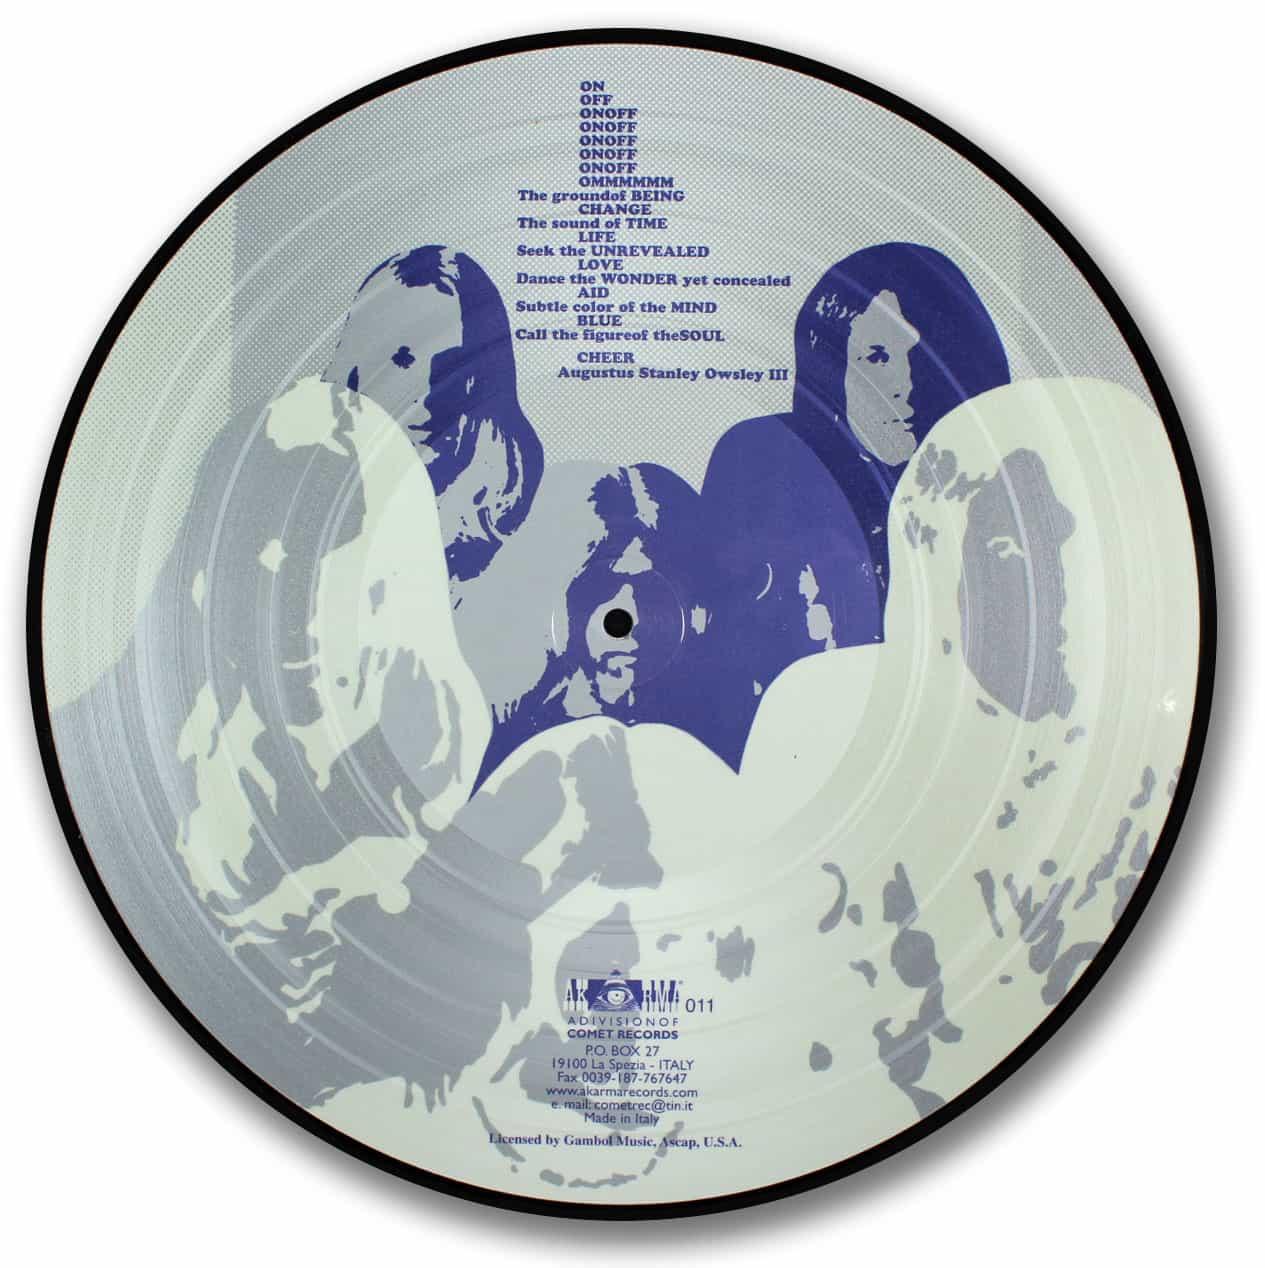 Blue Cheer Vincebus Eruptum The Vinyl Underground